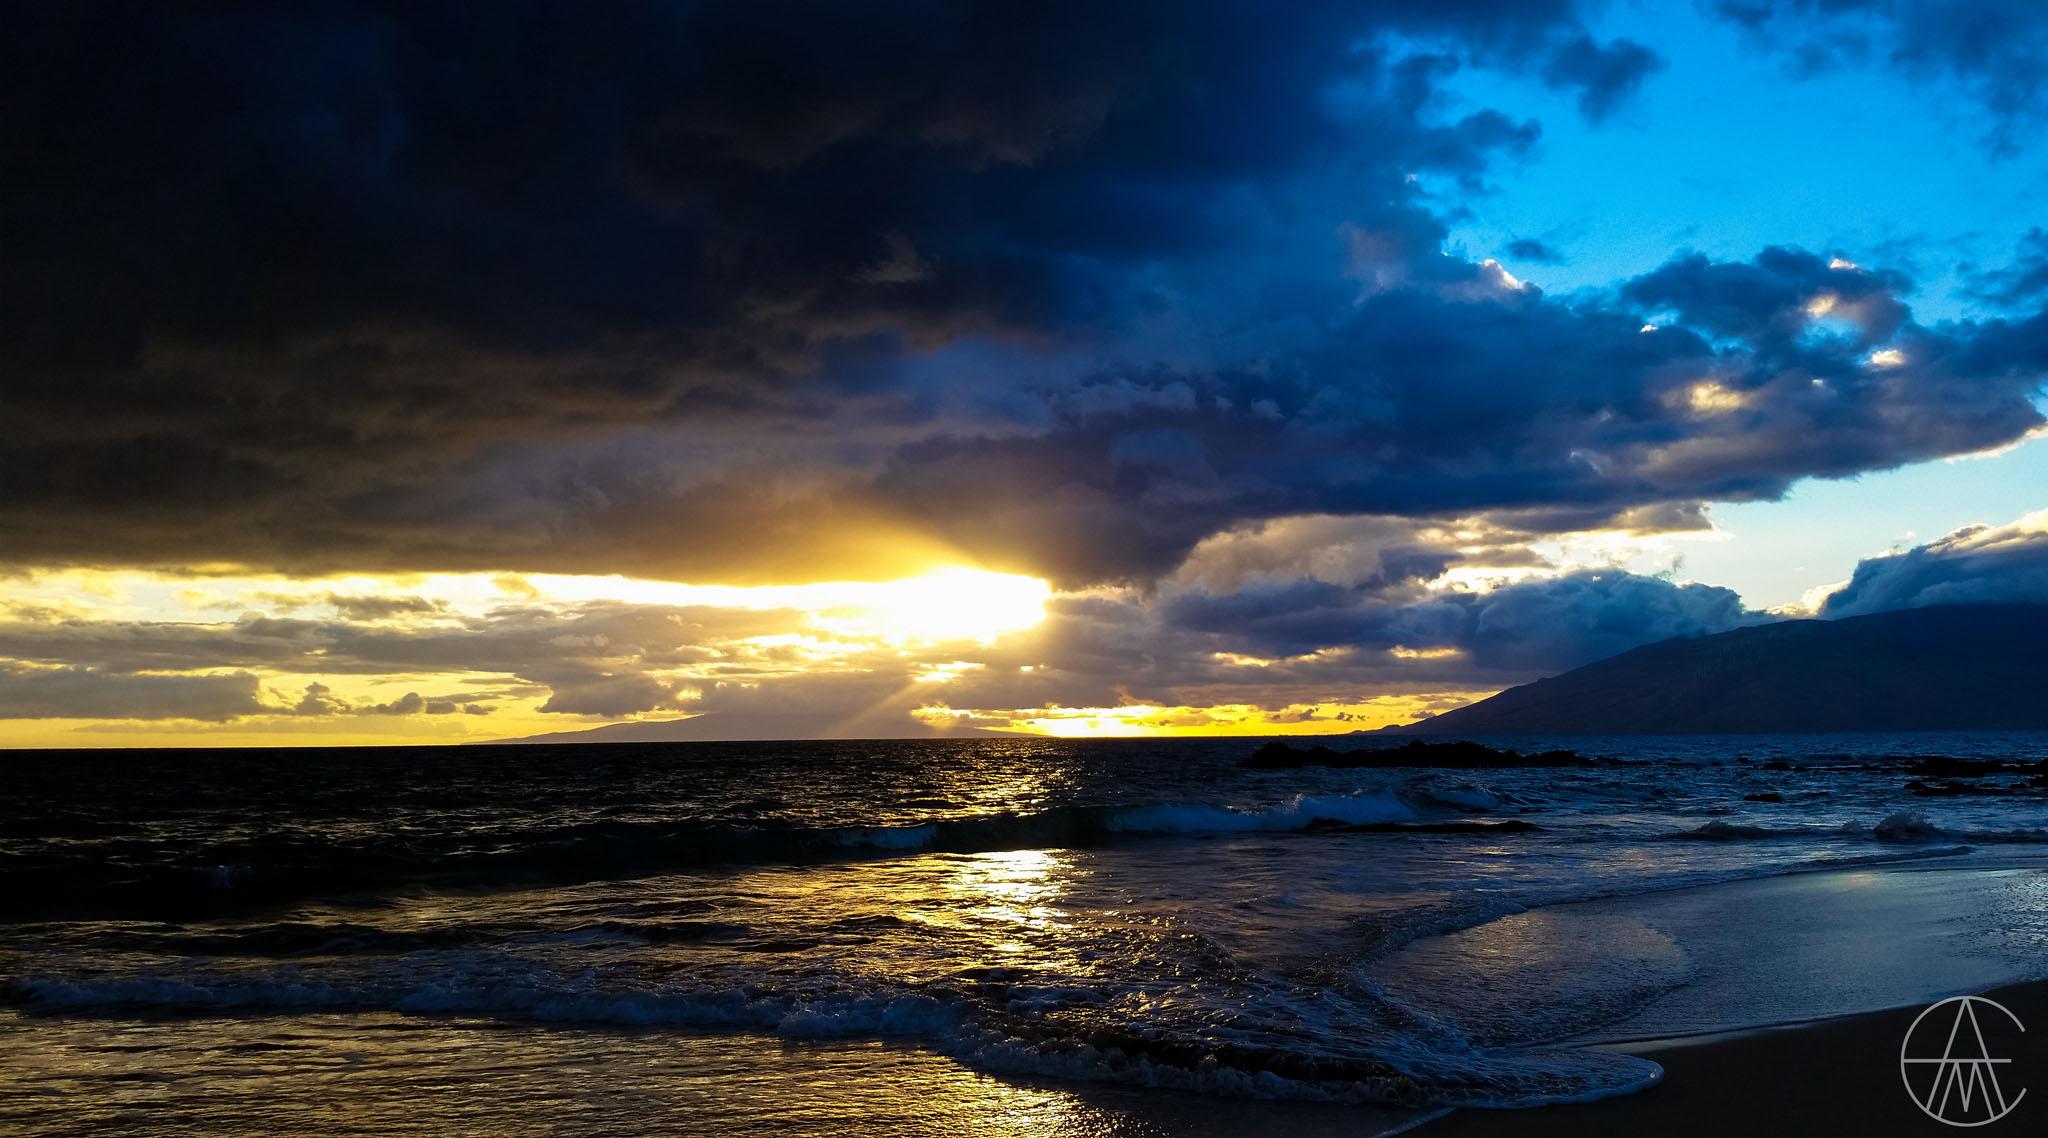 KiheiBeachMauiHawaii-AfterTheStorm_FACEBOOK.jpg